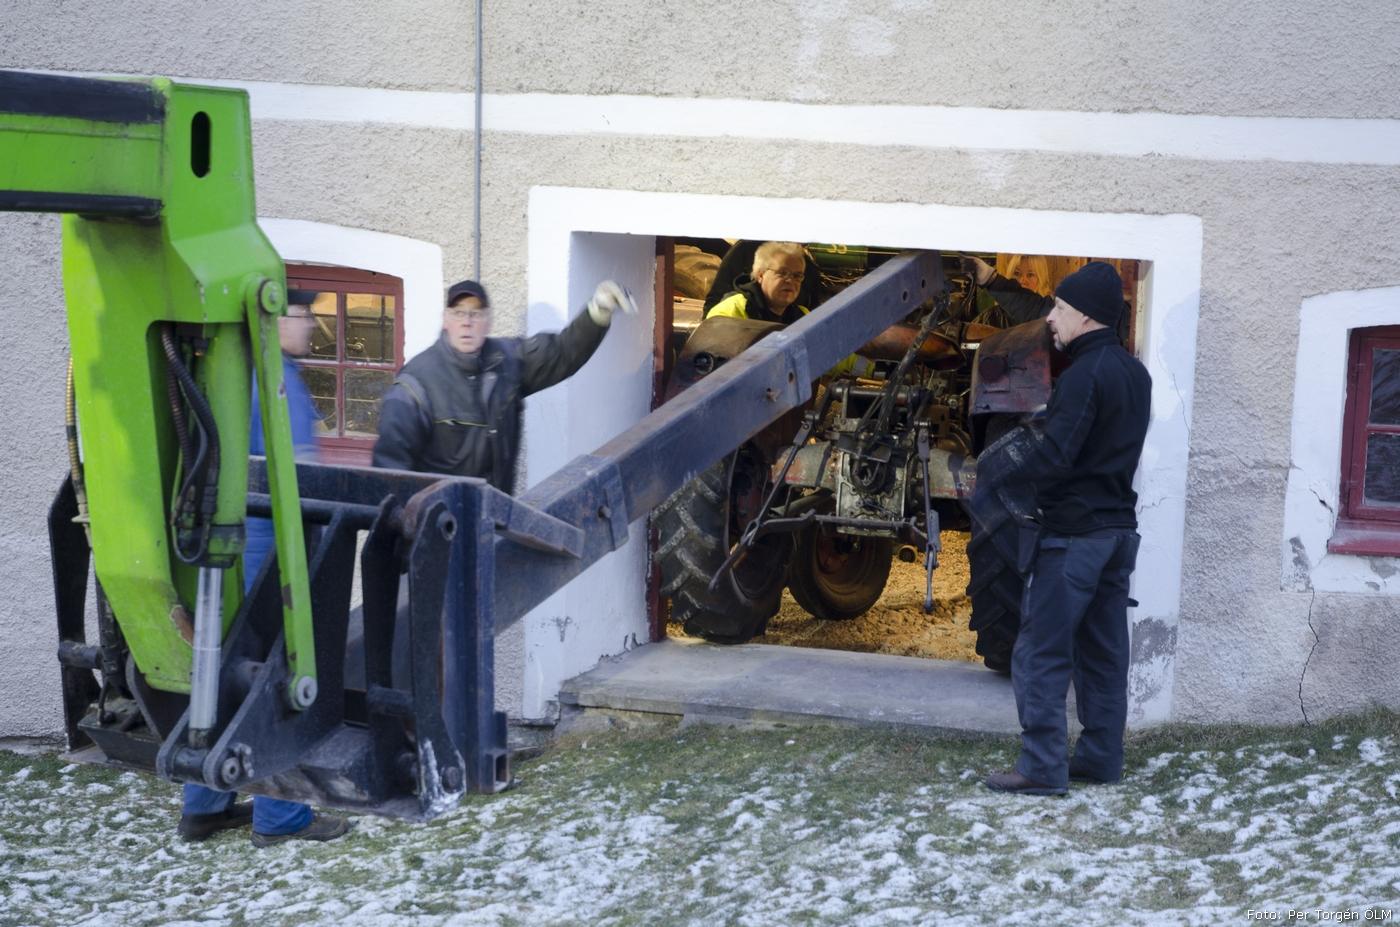 2012-02-10_010_Tekniska_kvarnen